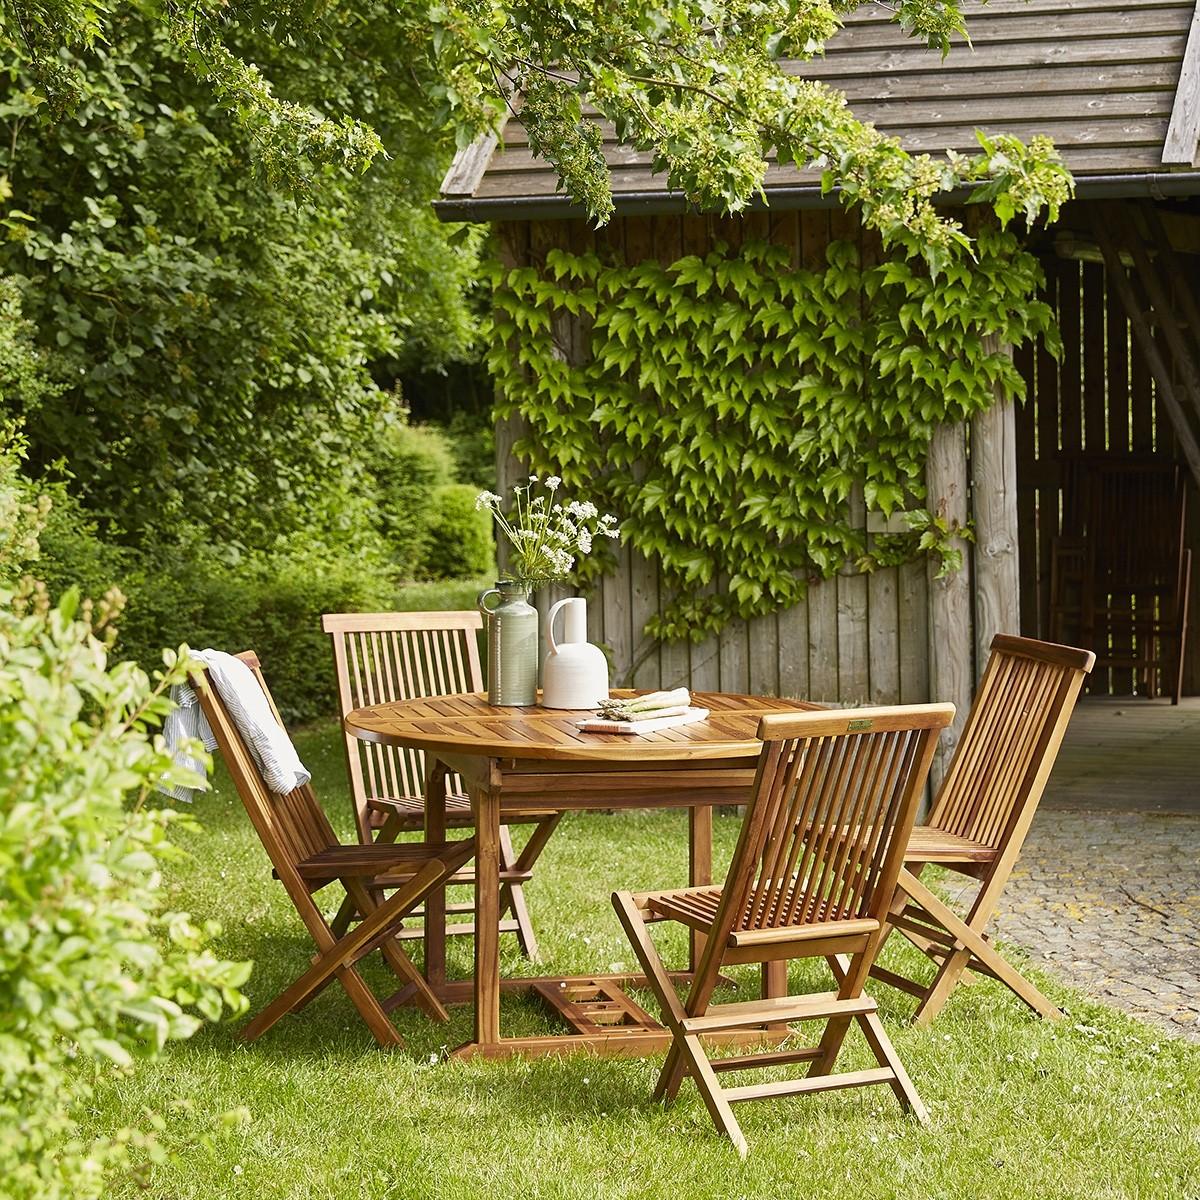 Salon de jardin ovale en bois de teck huilé 6/8 places BALI | Bois ...